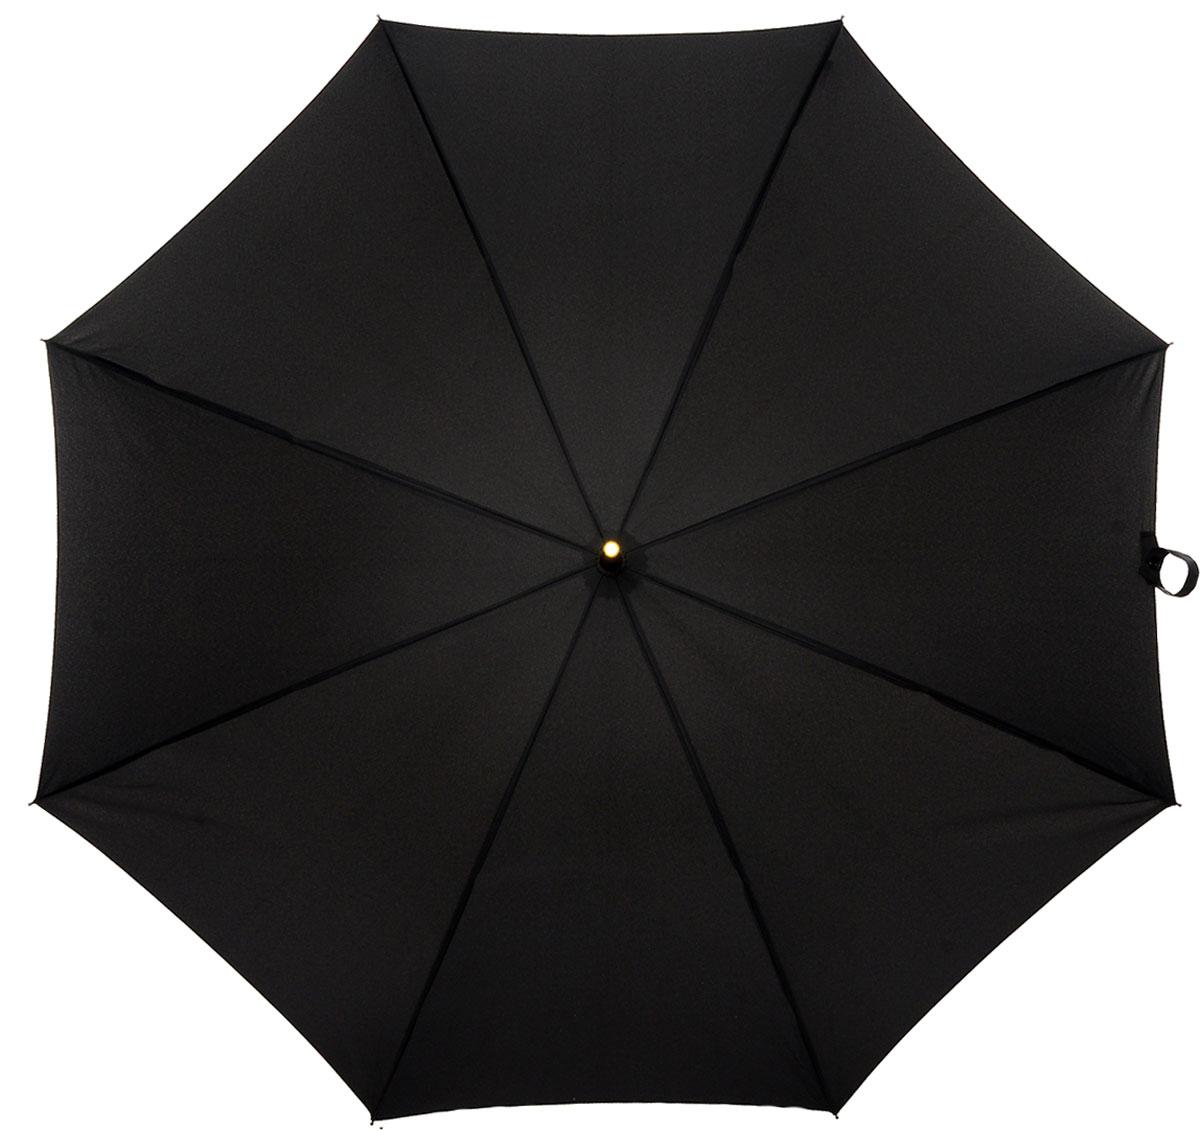 Зонт-трость мужской Fulton, механика, цвет: черный. G801-01G801-01 BlackЗонт-трость Fulton надежно защитит от непогоды. Купол выполнен из высококачественного полиэстера, который не пропускает воду. Каркас зонта, выполненный из прочного металла, состоит из восьми спиц. Зонт имеет механический тип сложения: открывается и закрывается вручную до характерного щелчка. Удобная ручка изогнутой формы выполнена из натуральной кожи.